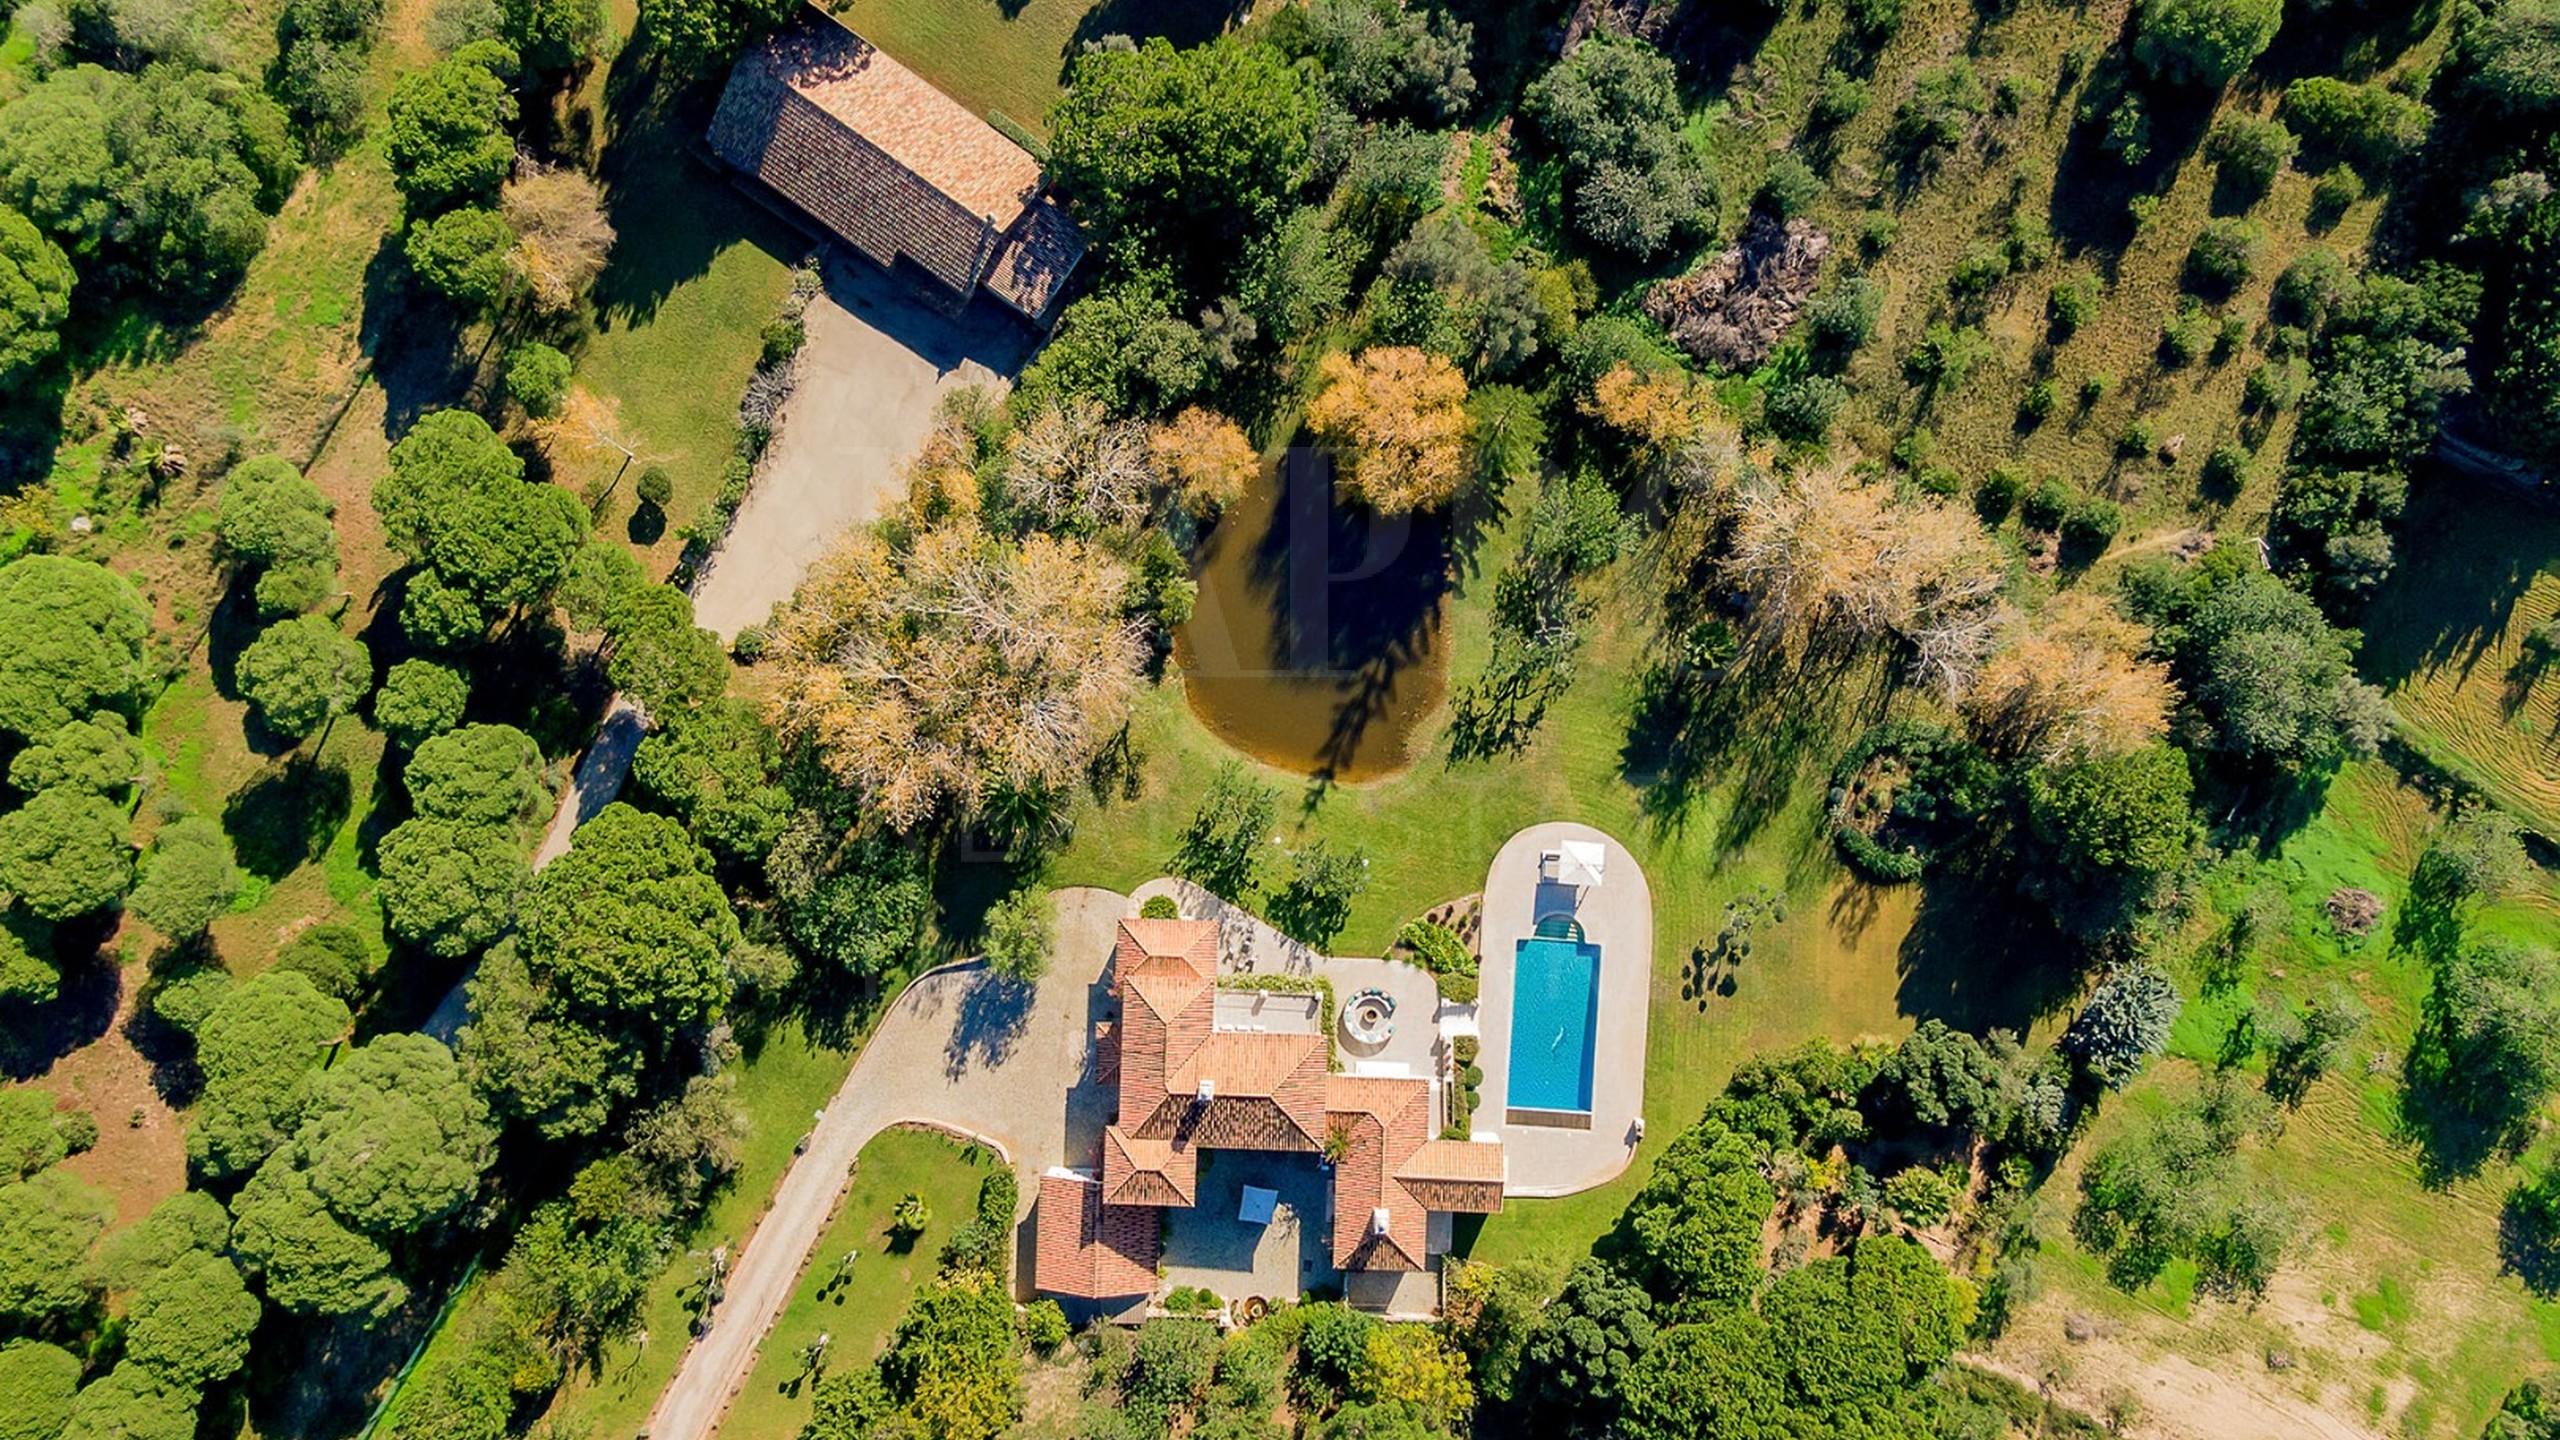 Maison familiale avec annexe à Almancil - vue aérienne